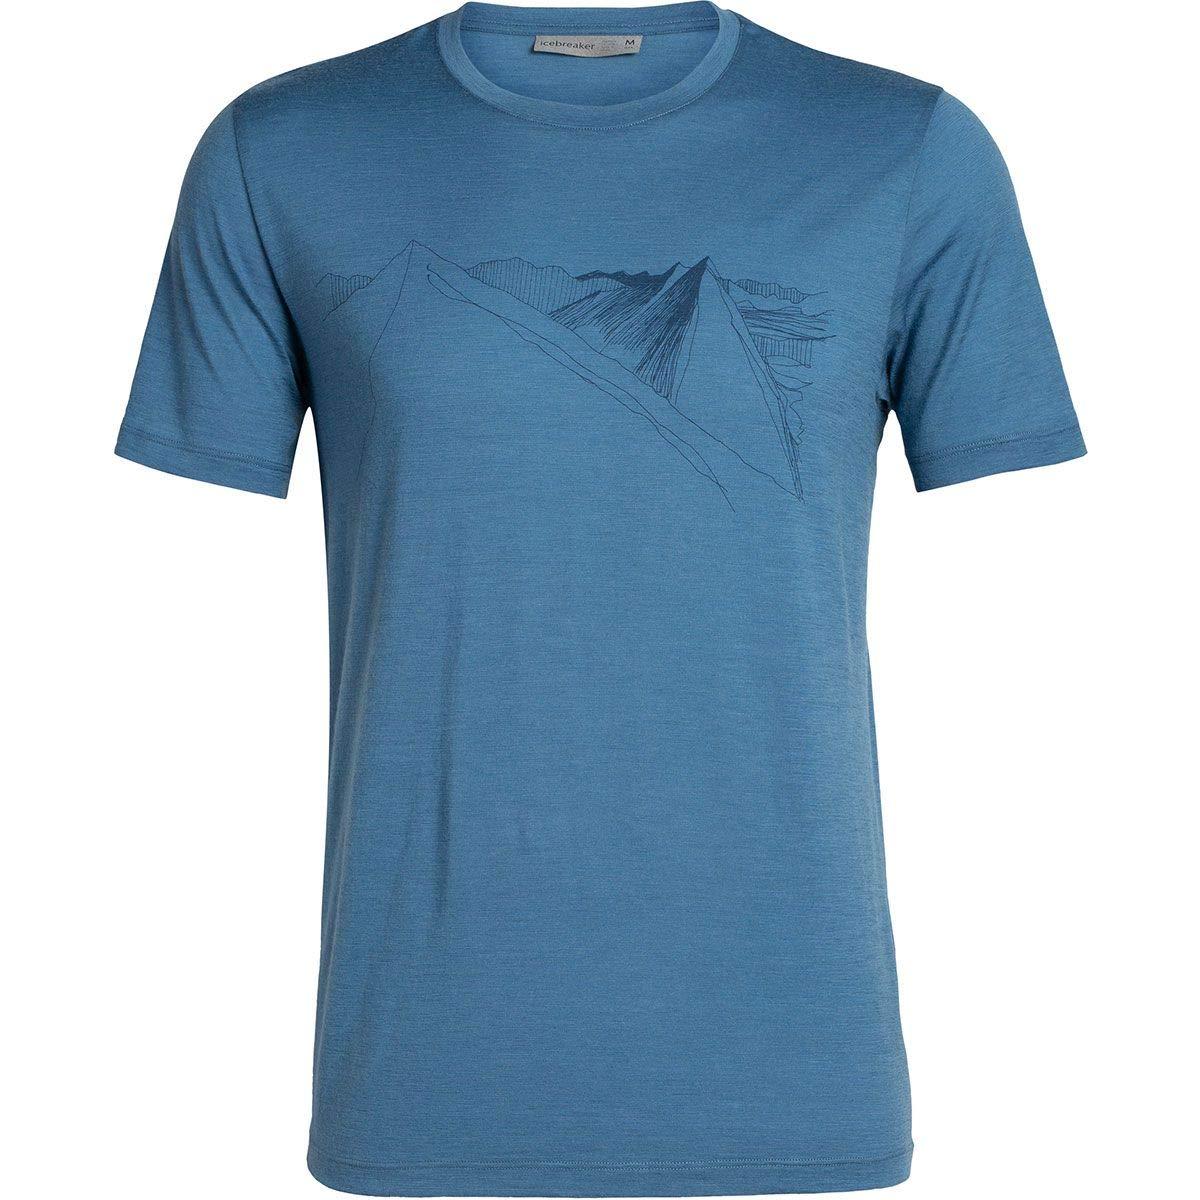 Icebreaker 150 Tech Lite Short Sleeve Crewe Shirt Glacial Lines T-Shirt Men